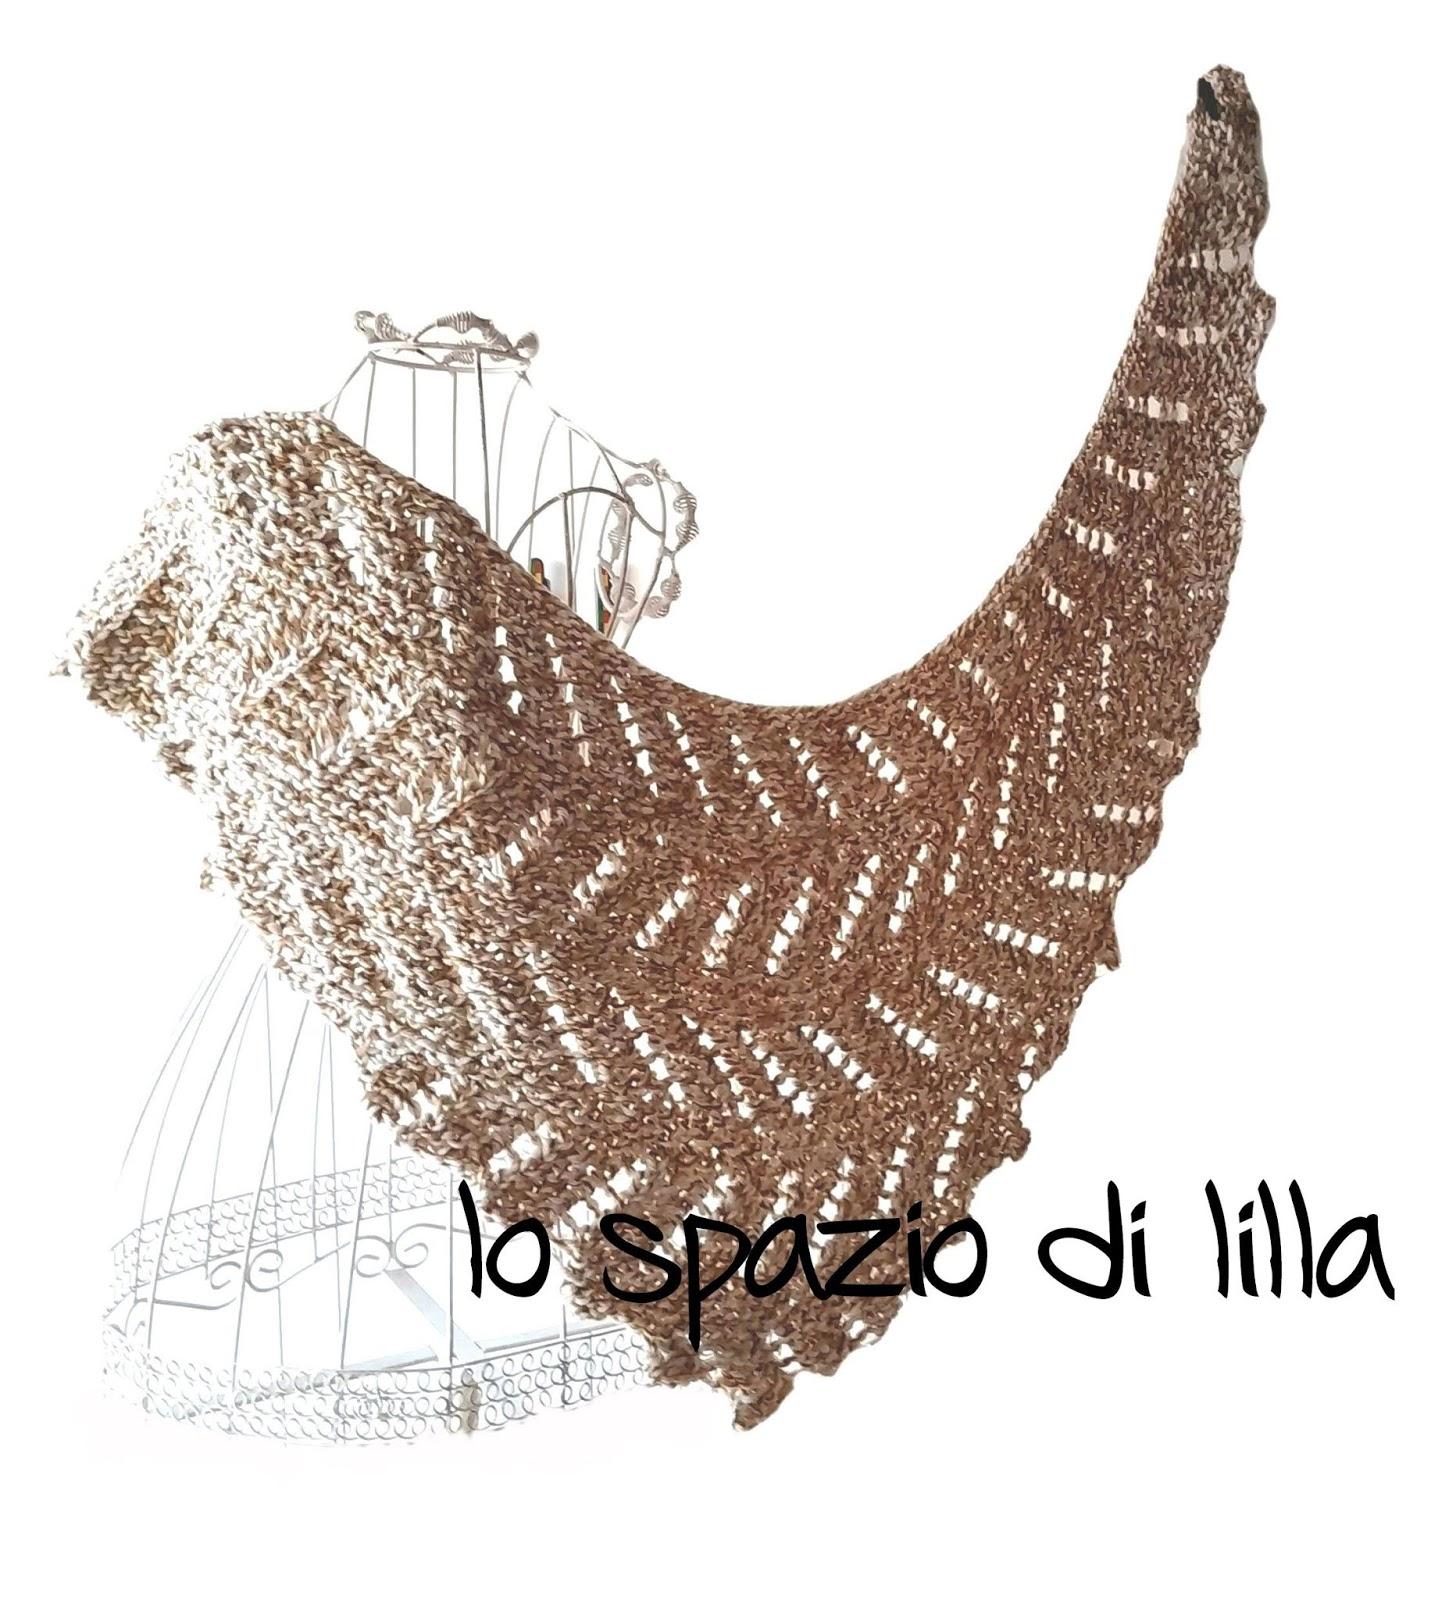 lilla s tutorials  lo scialle ai ferri ZigZag   ZigZag knitted shawl dc8a590cae39